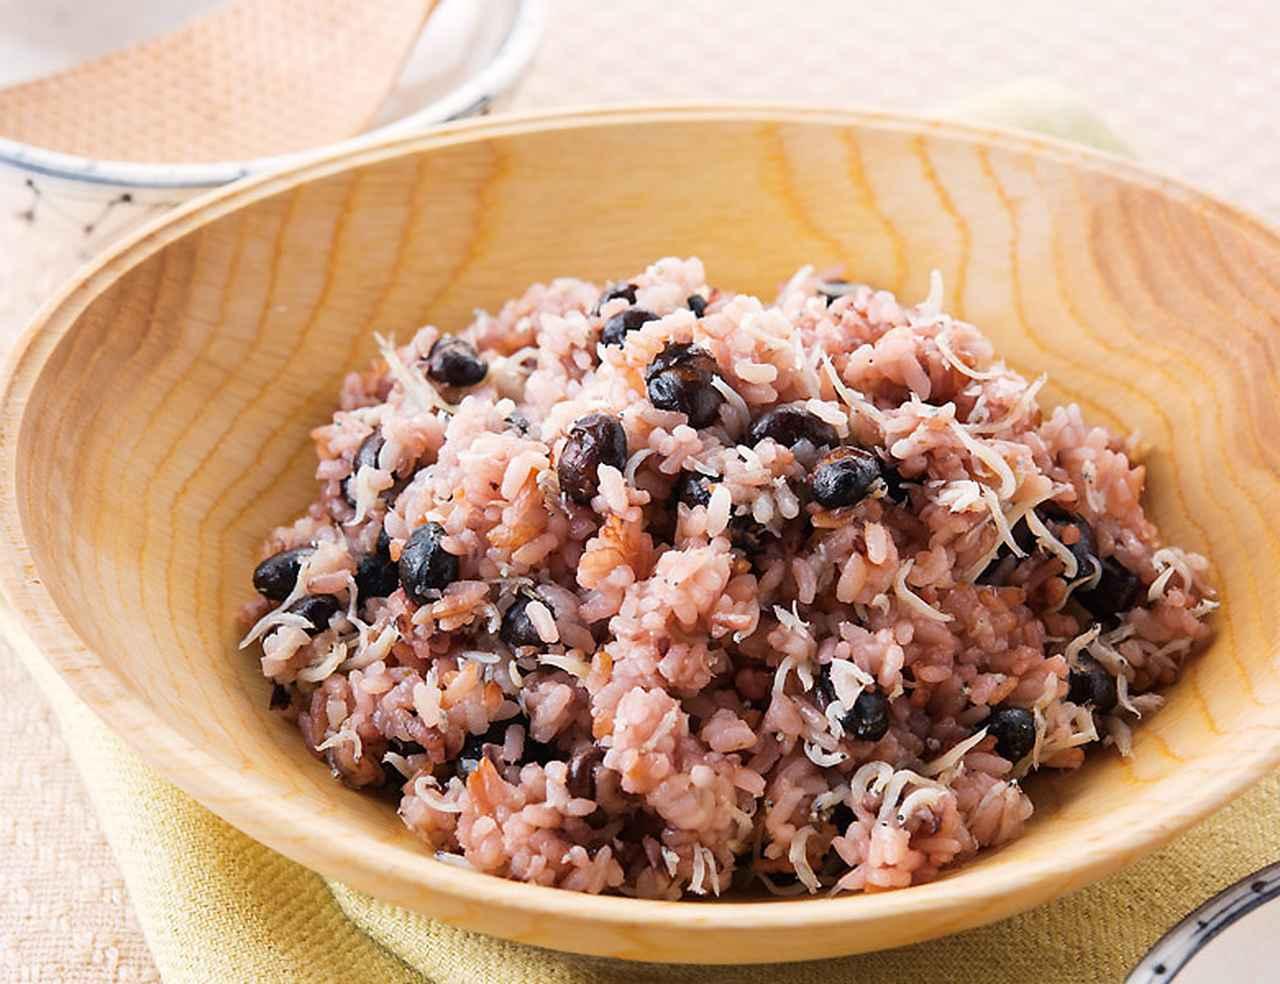 画像: エネルギー:381kcal 塩分:1.1g(各1人分) 水分代謝をよくする黒豆がぎっしり!